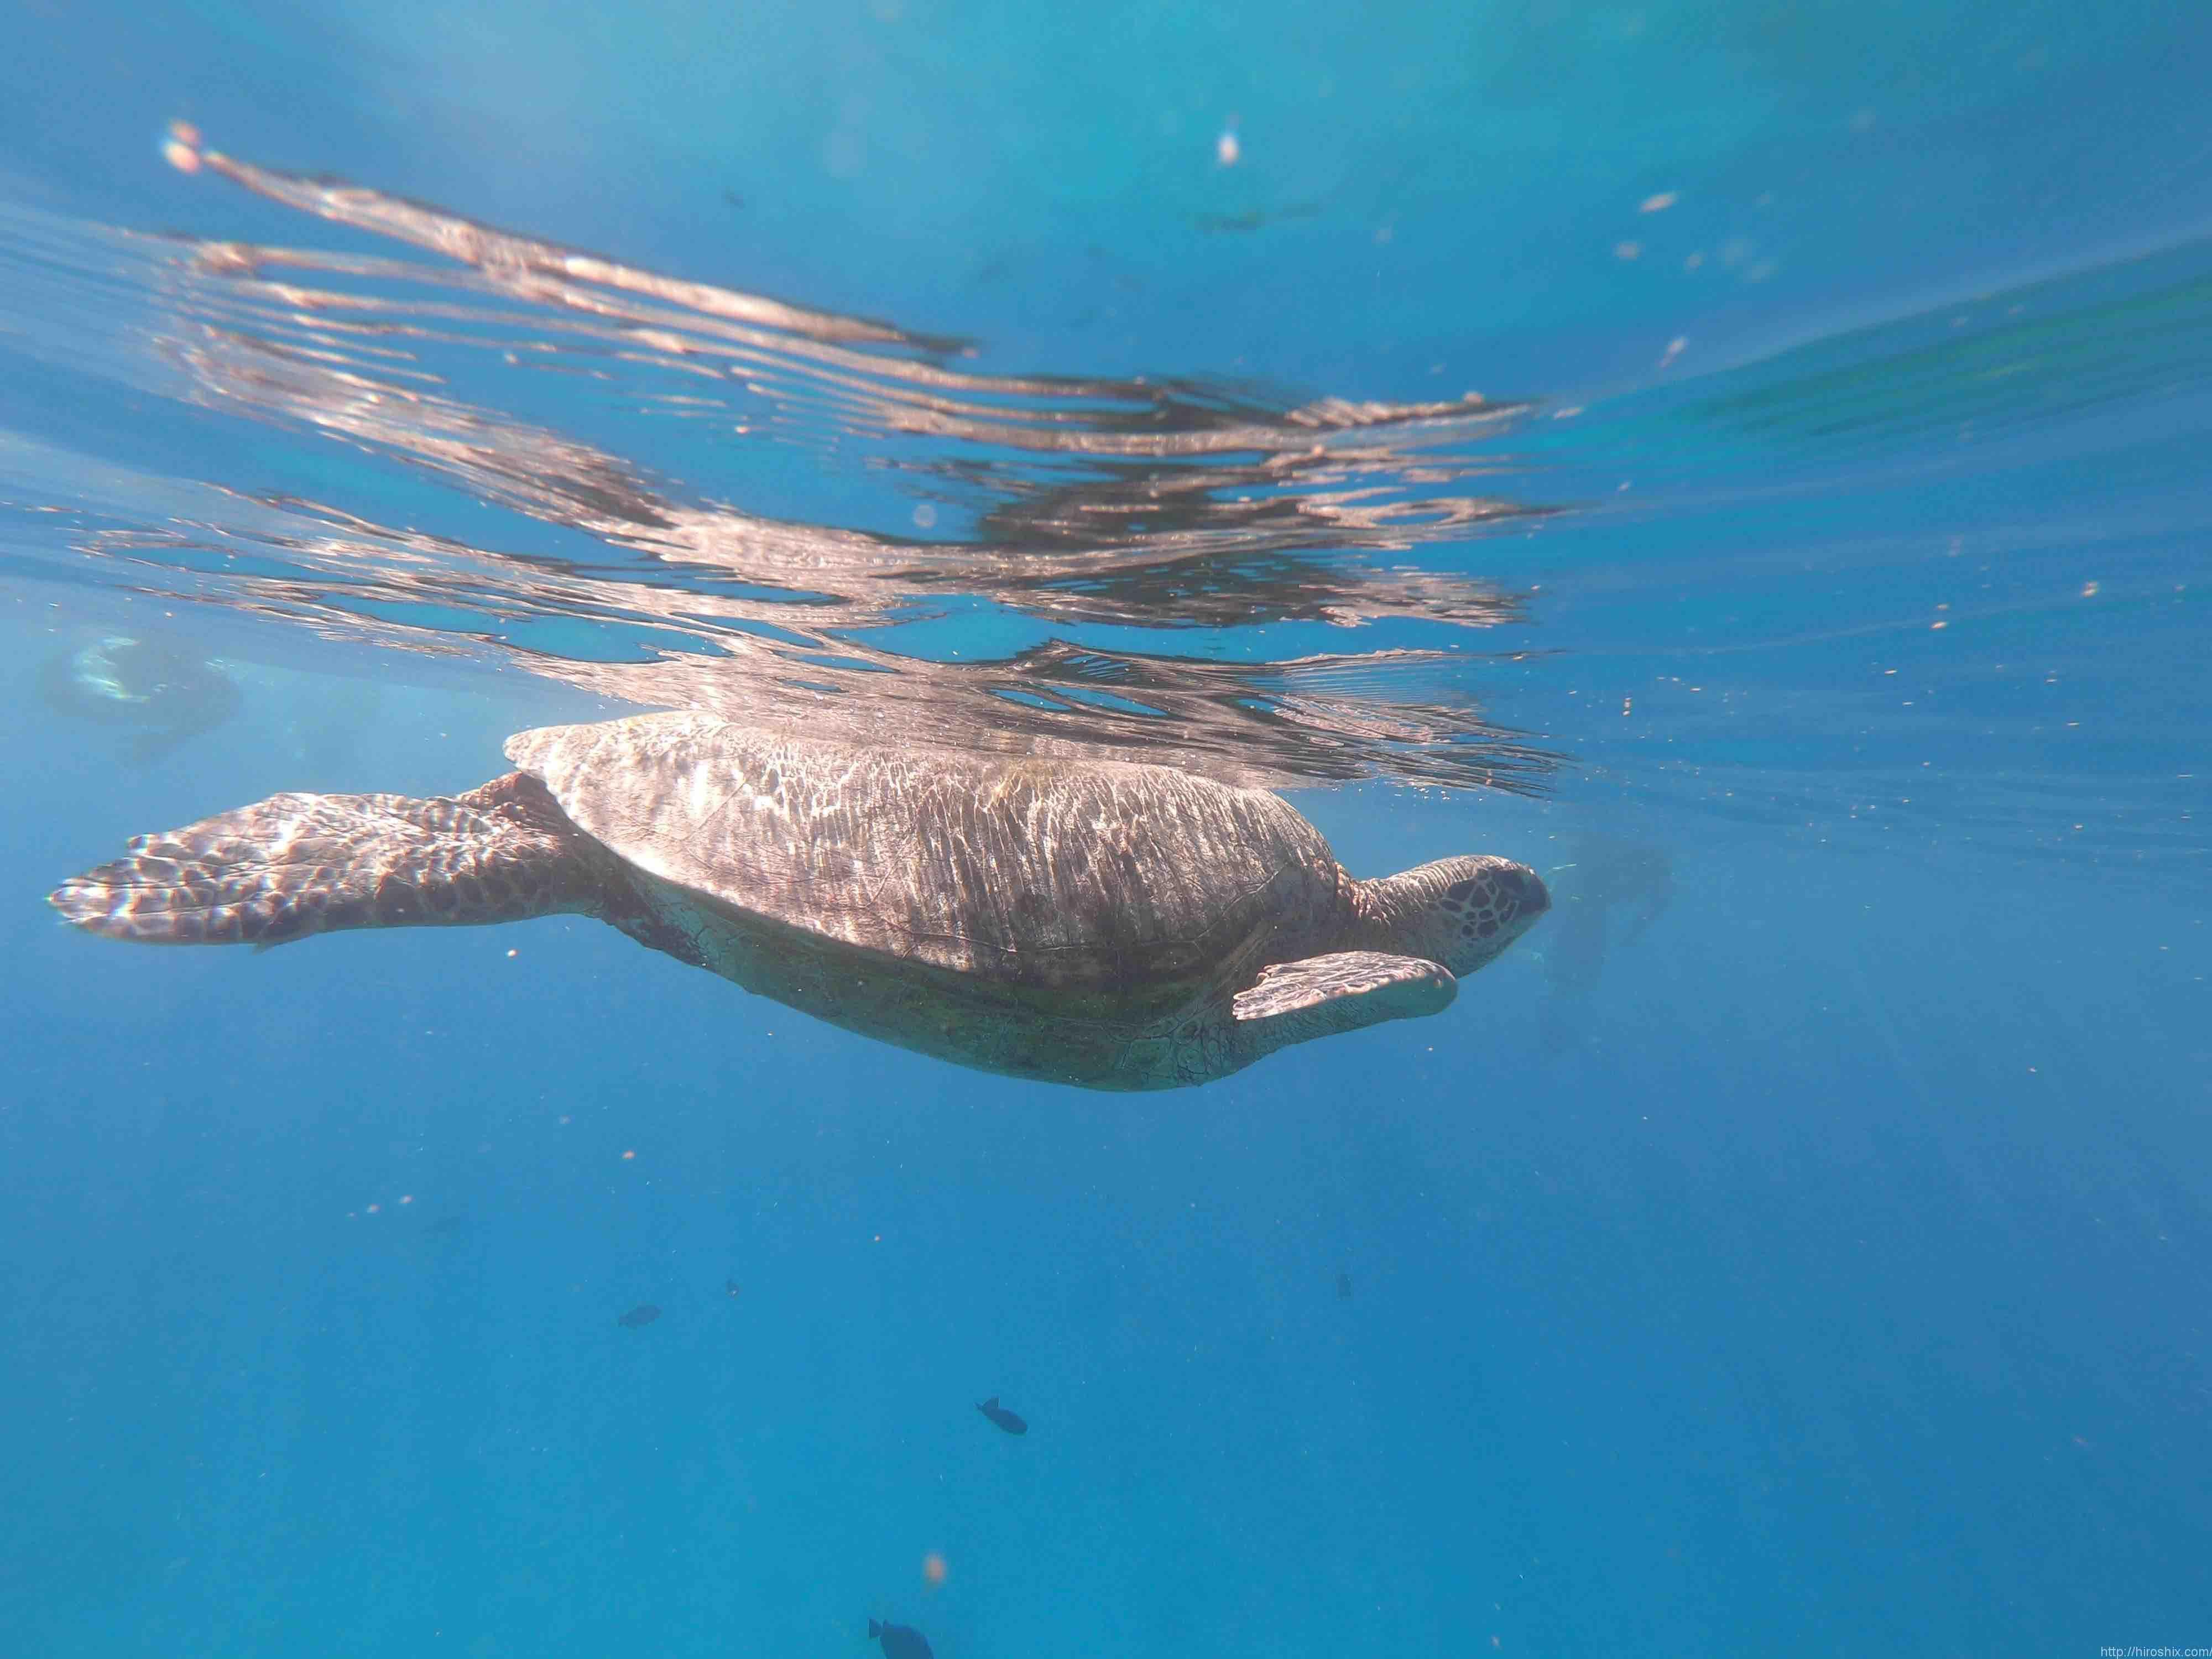 ウミガメと並んで泳げる!マイタイ・カタマラン号でワイキキ沖シュノーケリング【ハワイ】